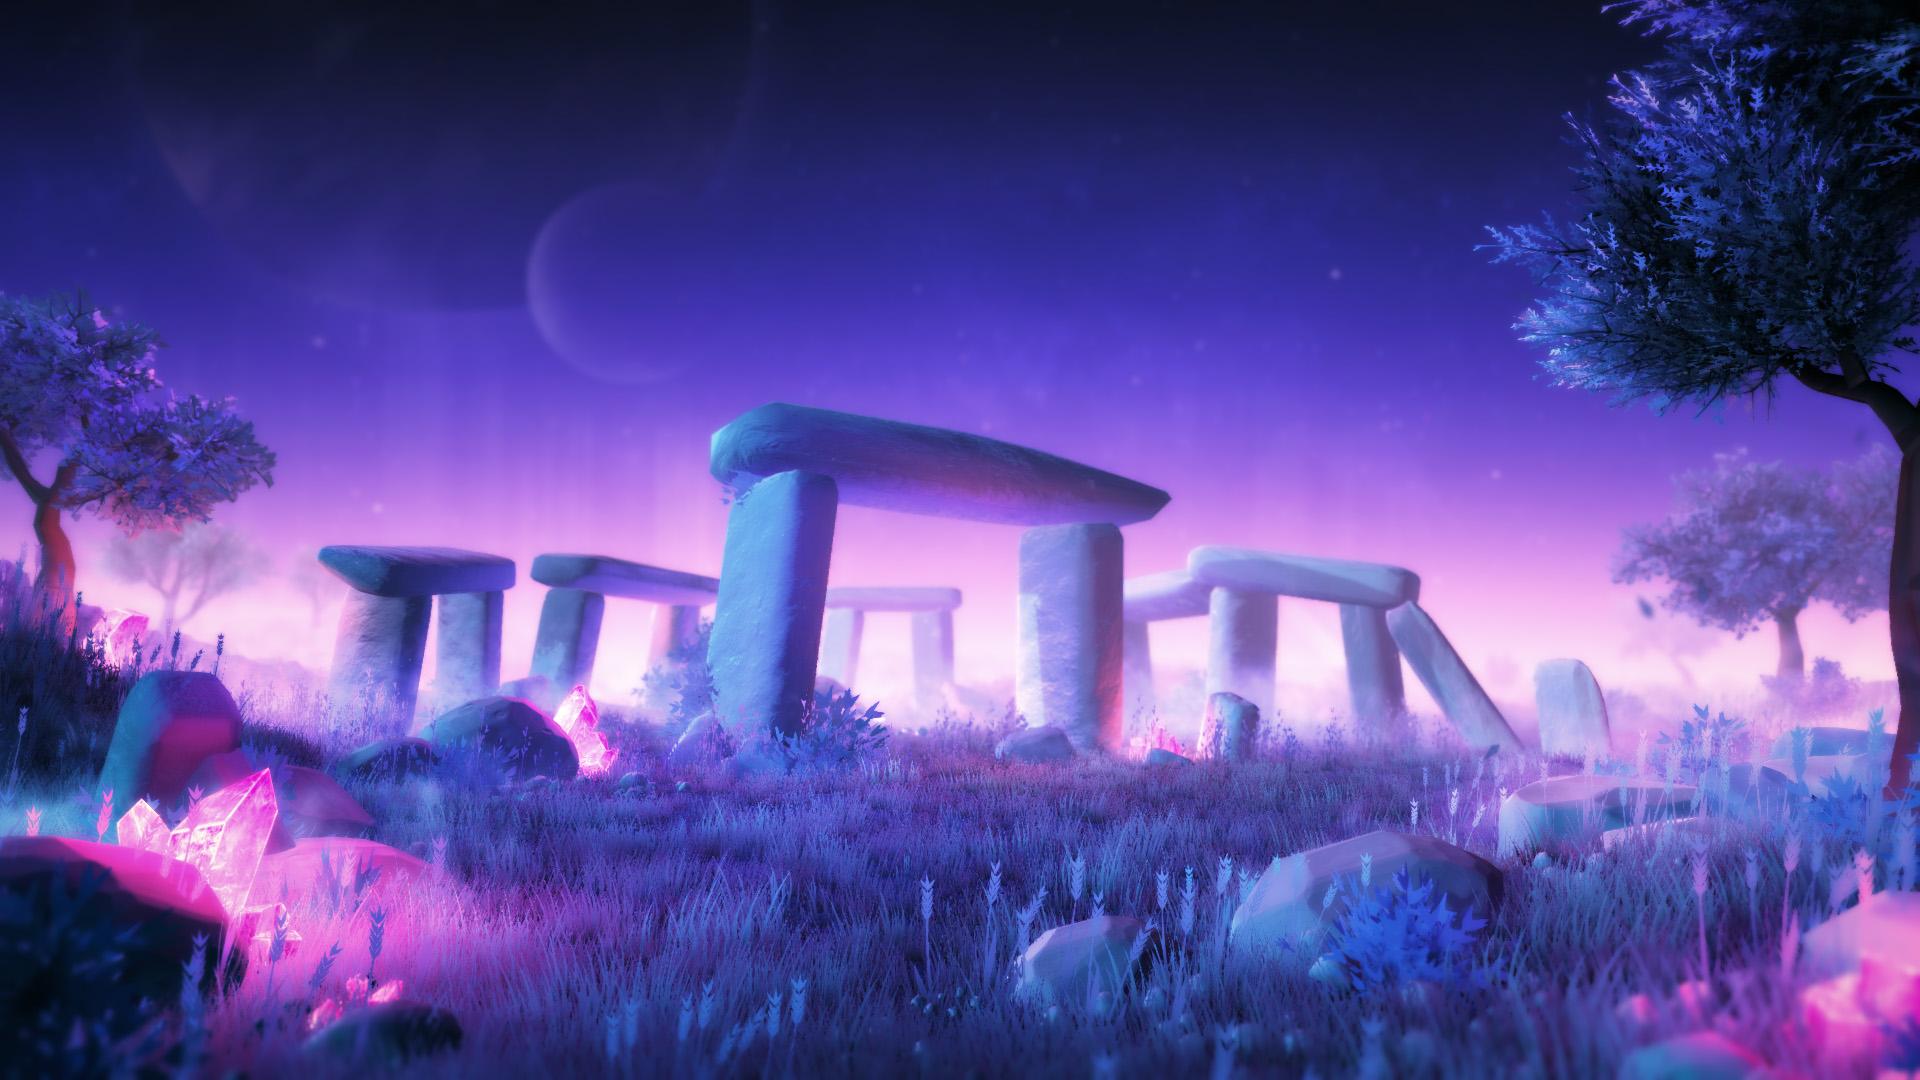 dreamscape_scene2_1980x1080_jpg.jpg